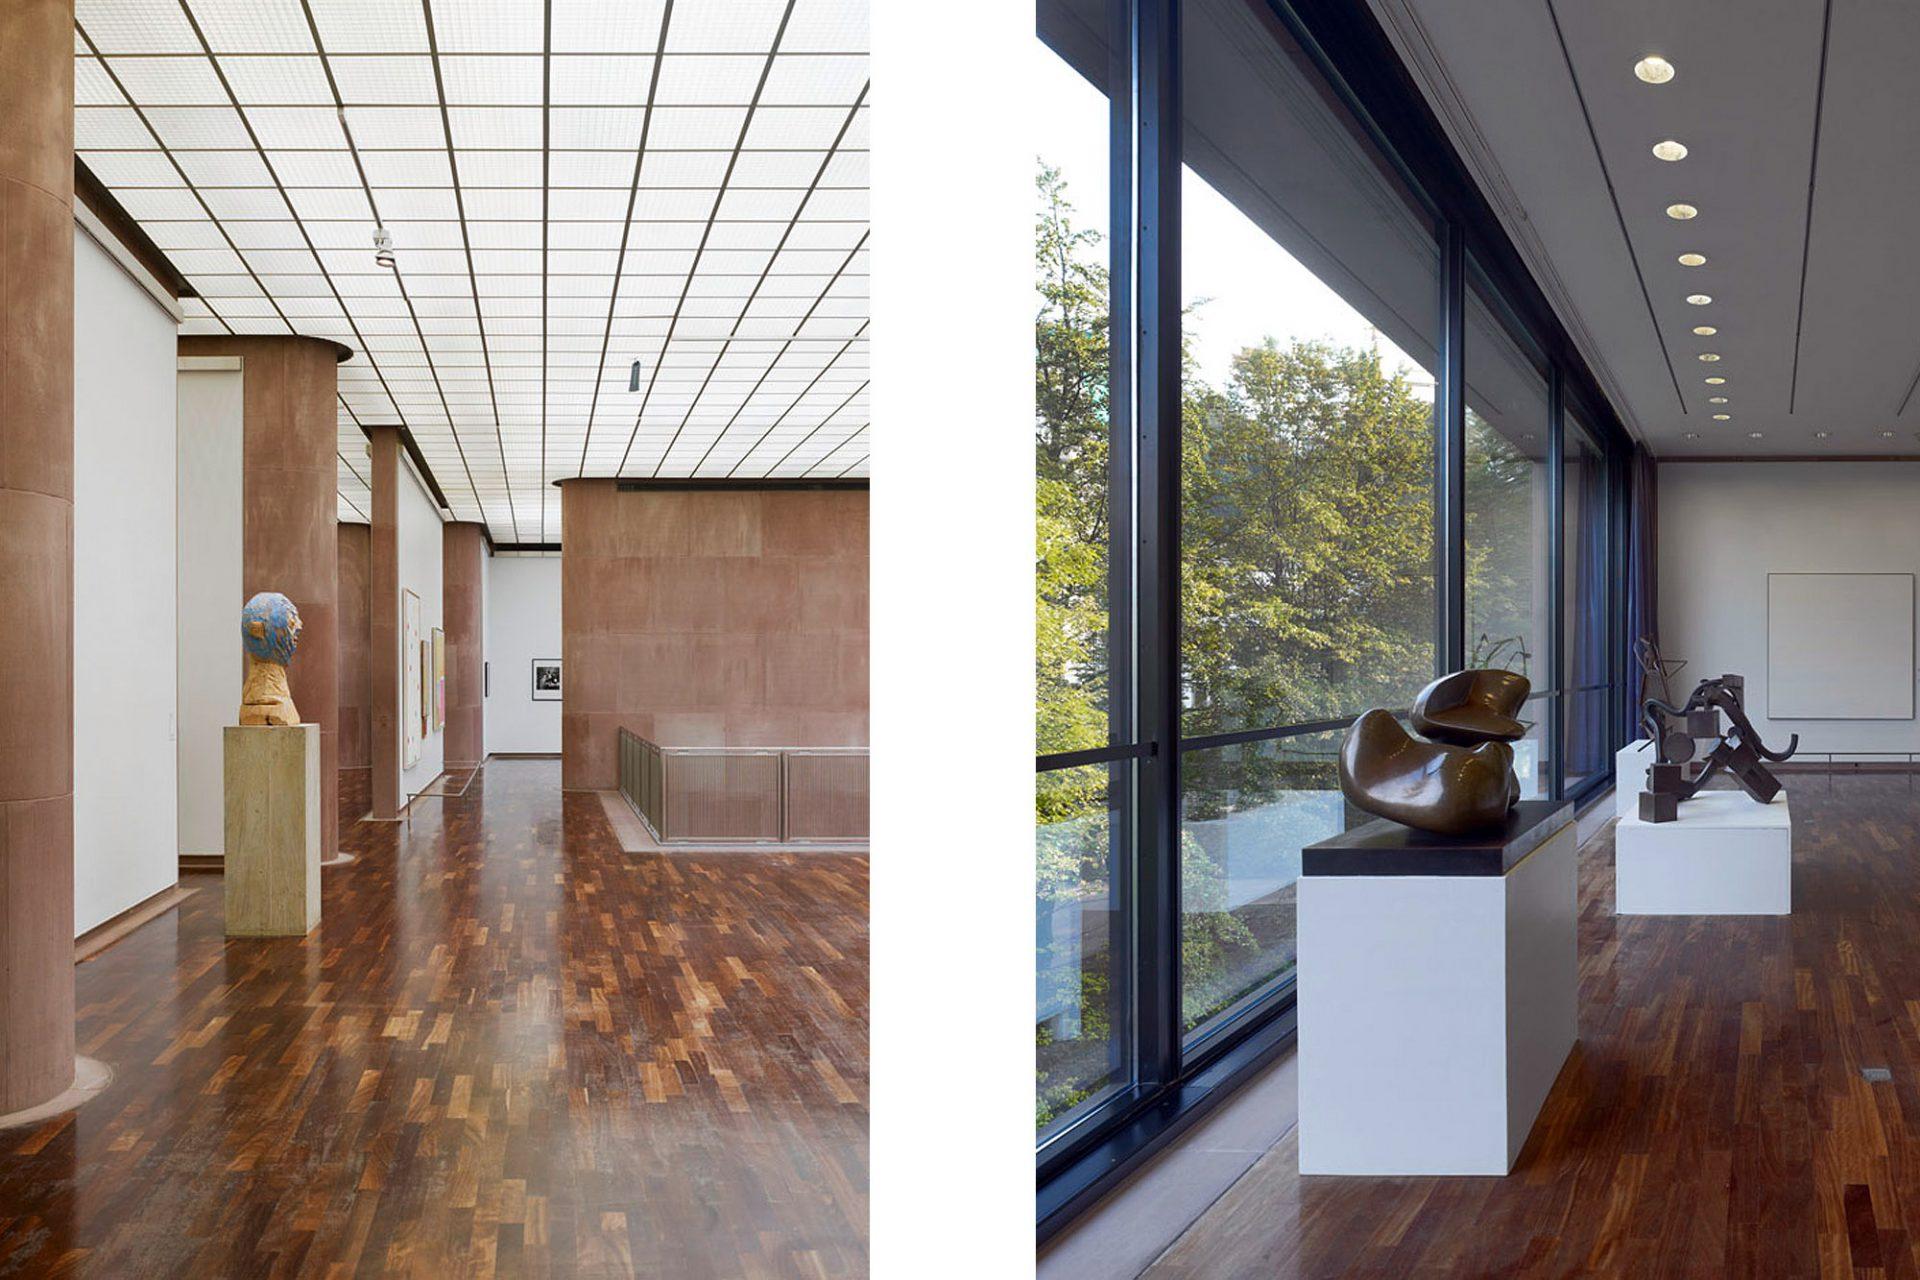 Die Sammlung.  Deren Kern bildet bis heute die Kunst des 20. und 21. Jahrhunderts, expressionistische Malerei und Plastiken der klassischen Moderne. Darunter sind Werke von Picasso, Max Beckmann, Man Ray, Sonia und Robert Delaunay.